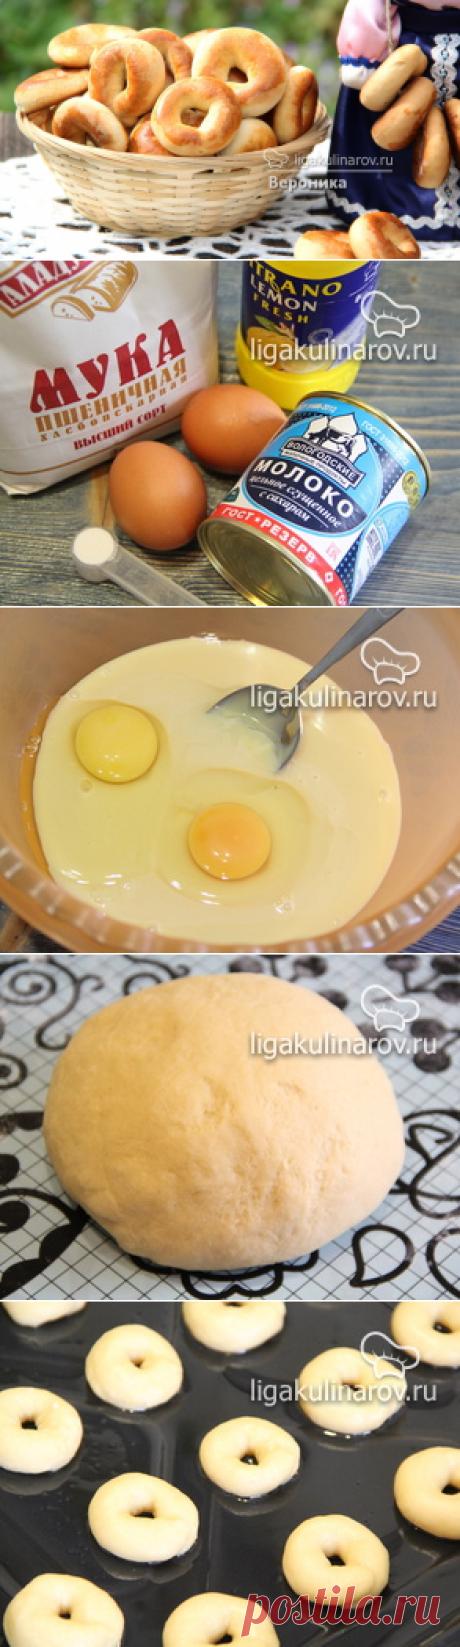 Баранки на сгущенном молоке - рецепт с фото пошагово.